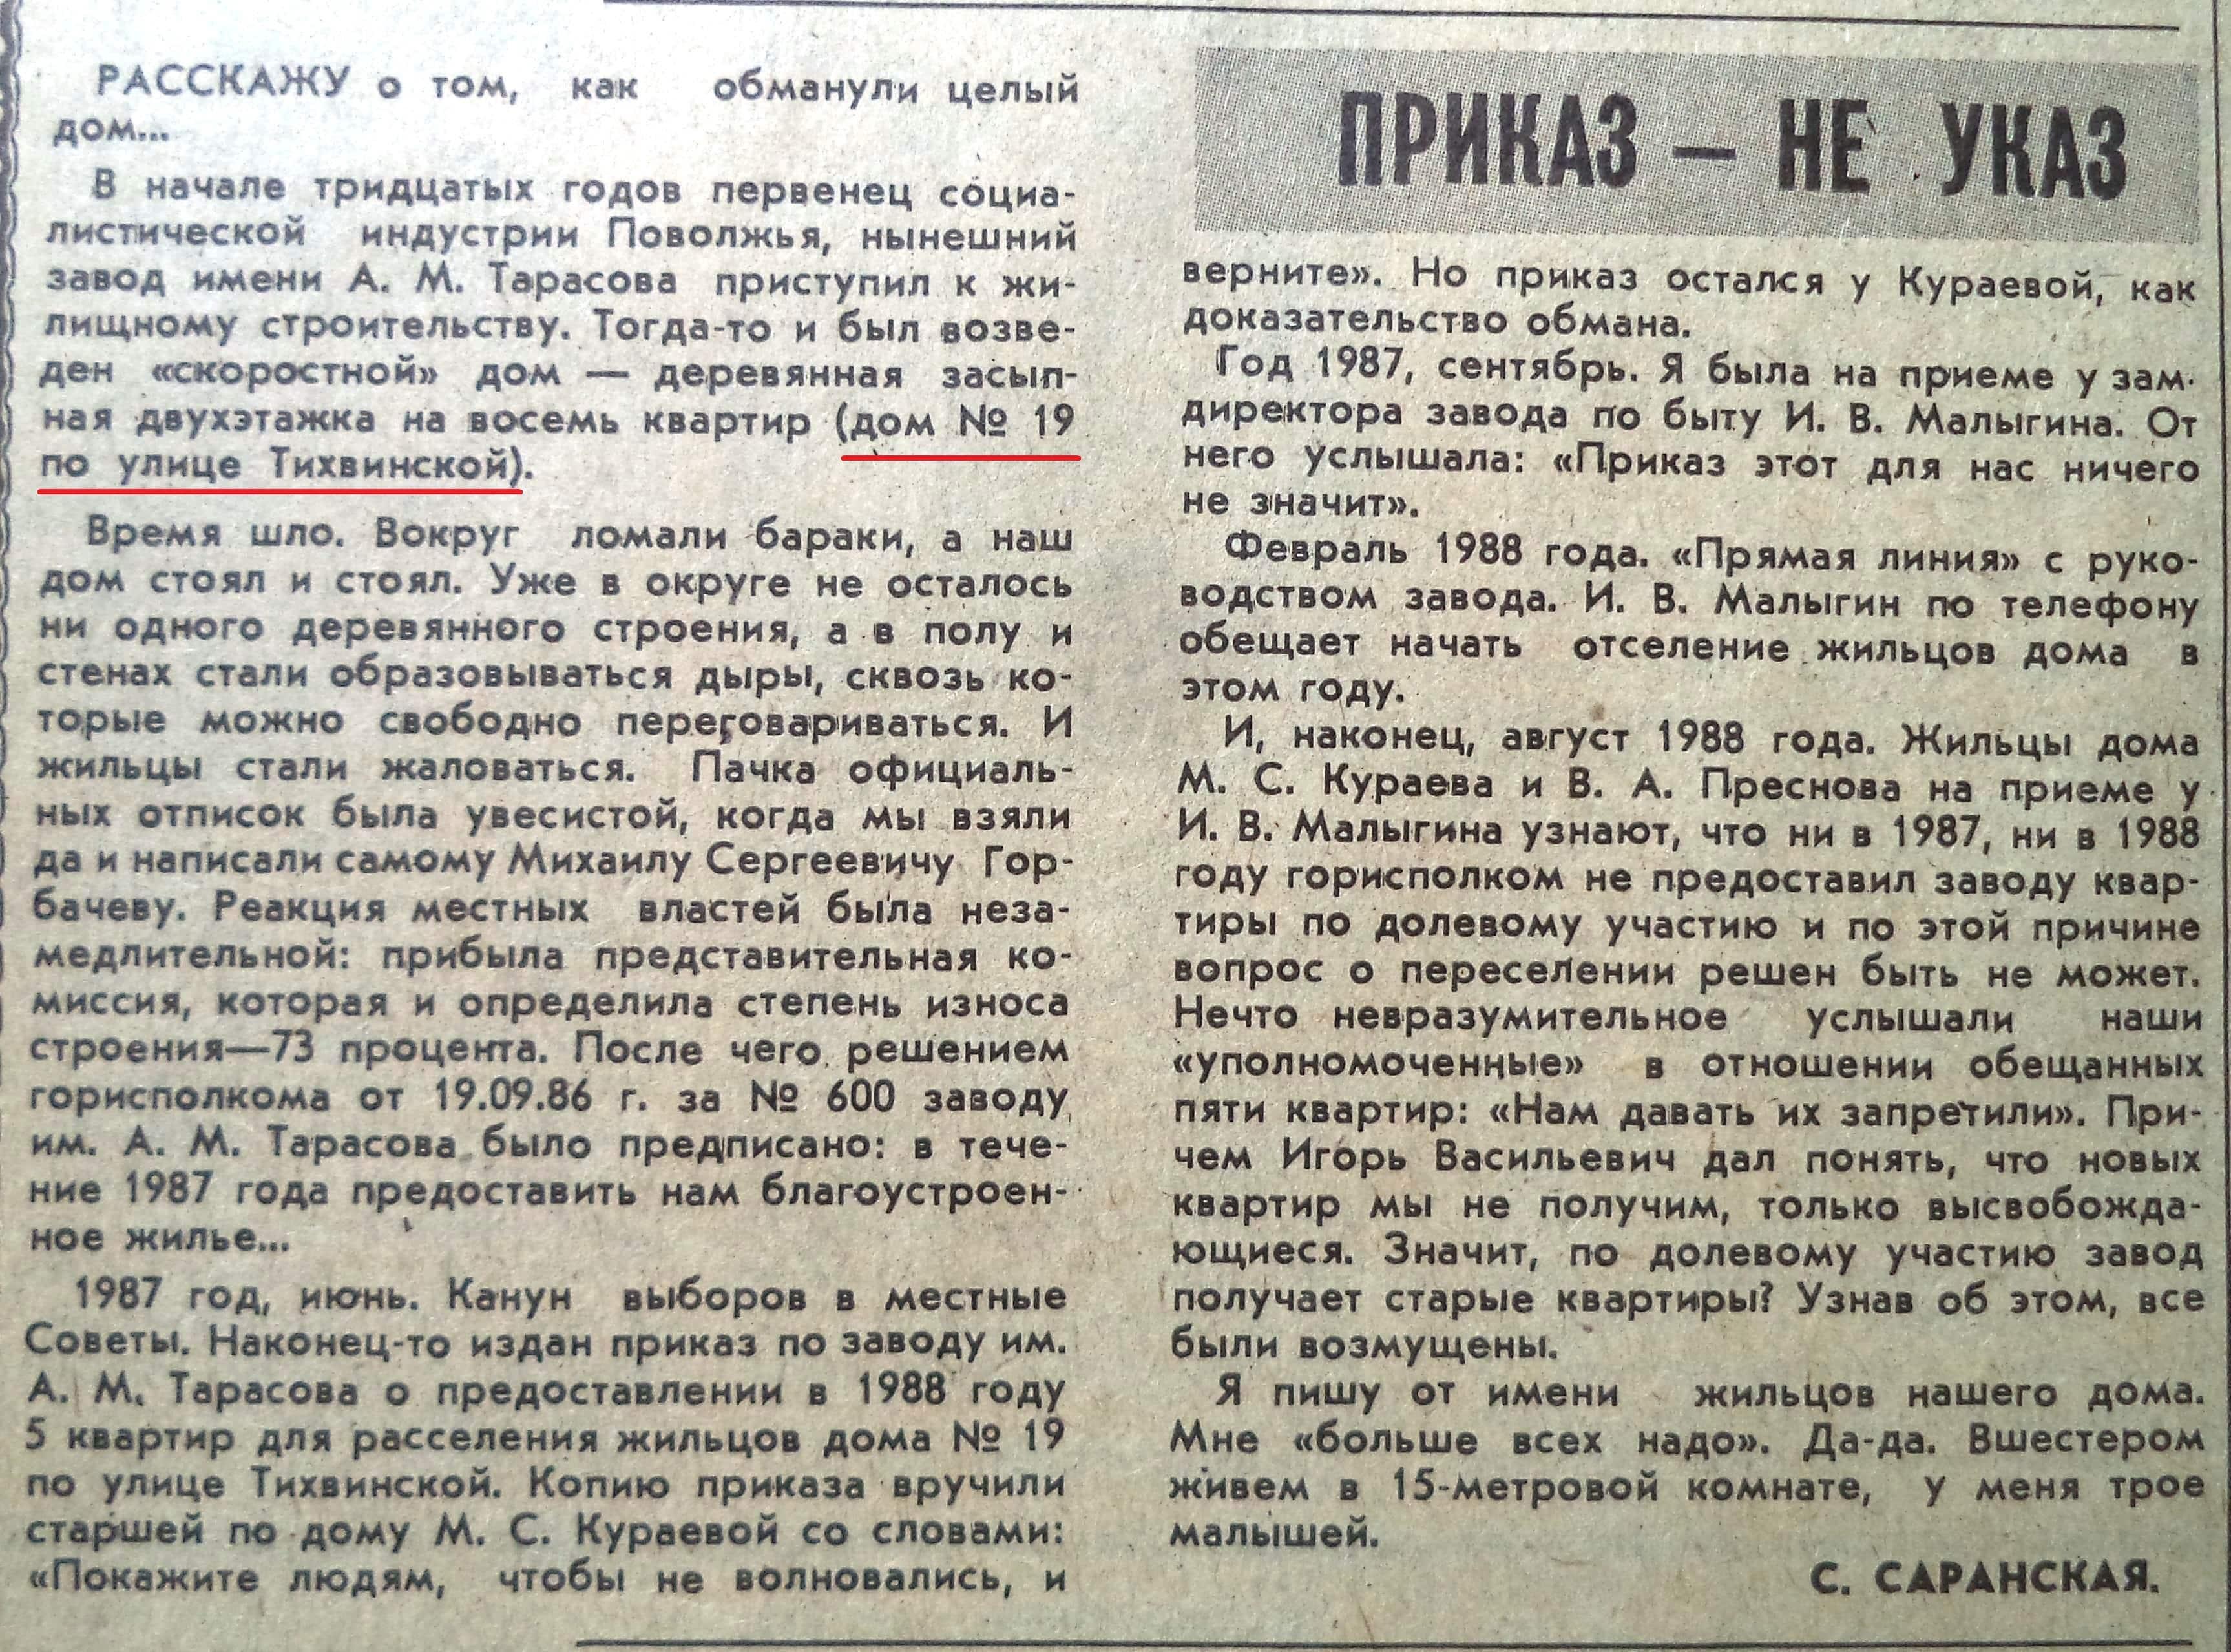 Тихвинская-ФОТО-10-ВЗя-1988-08-22-неблаг-во на Тихв.-19